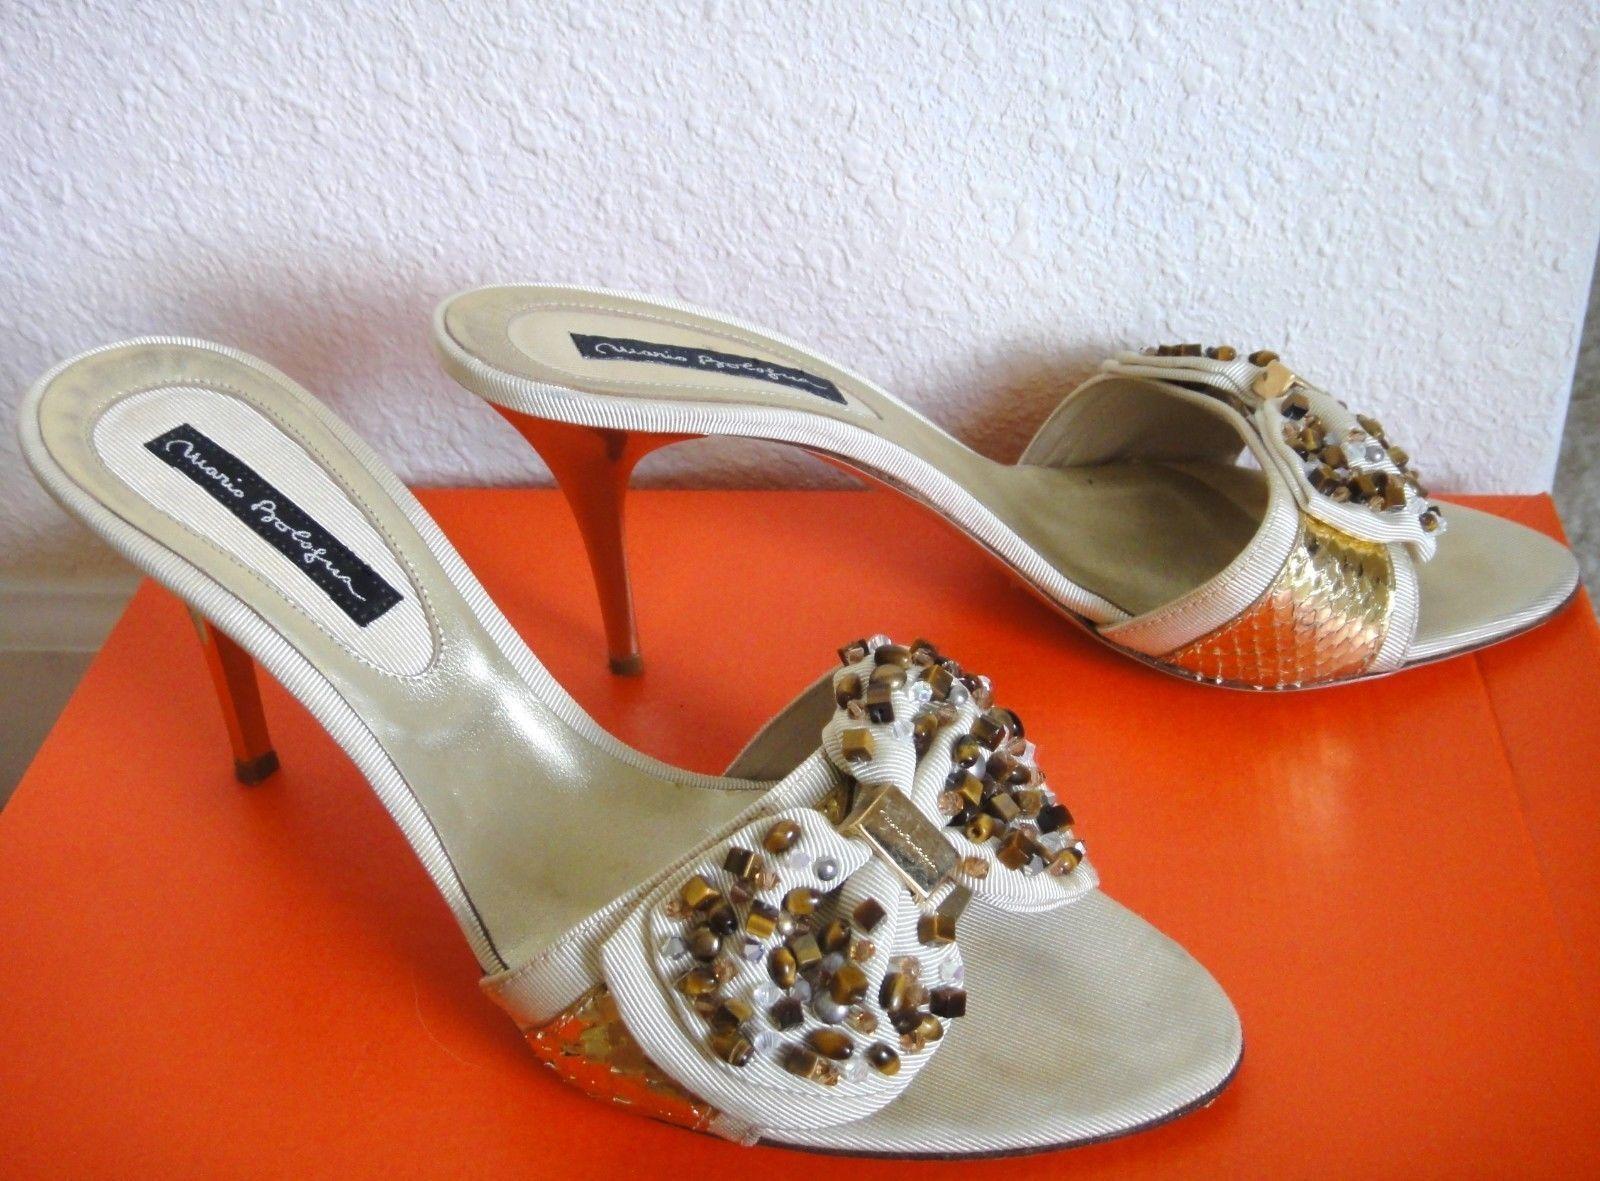 Mario Bologna Bologna Bologna joyas Arco  500 Beige antideslizante en diapositivas de oro Sandalias Zapatos 40 9 Usado En Excelente Condición  diseño único